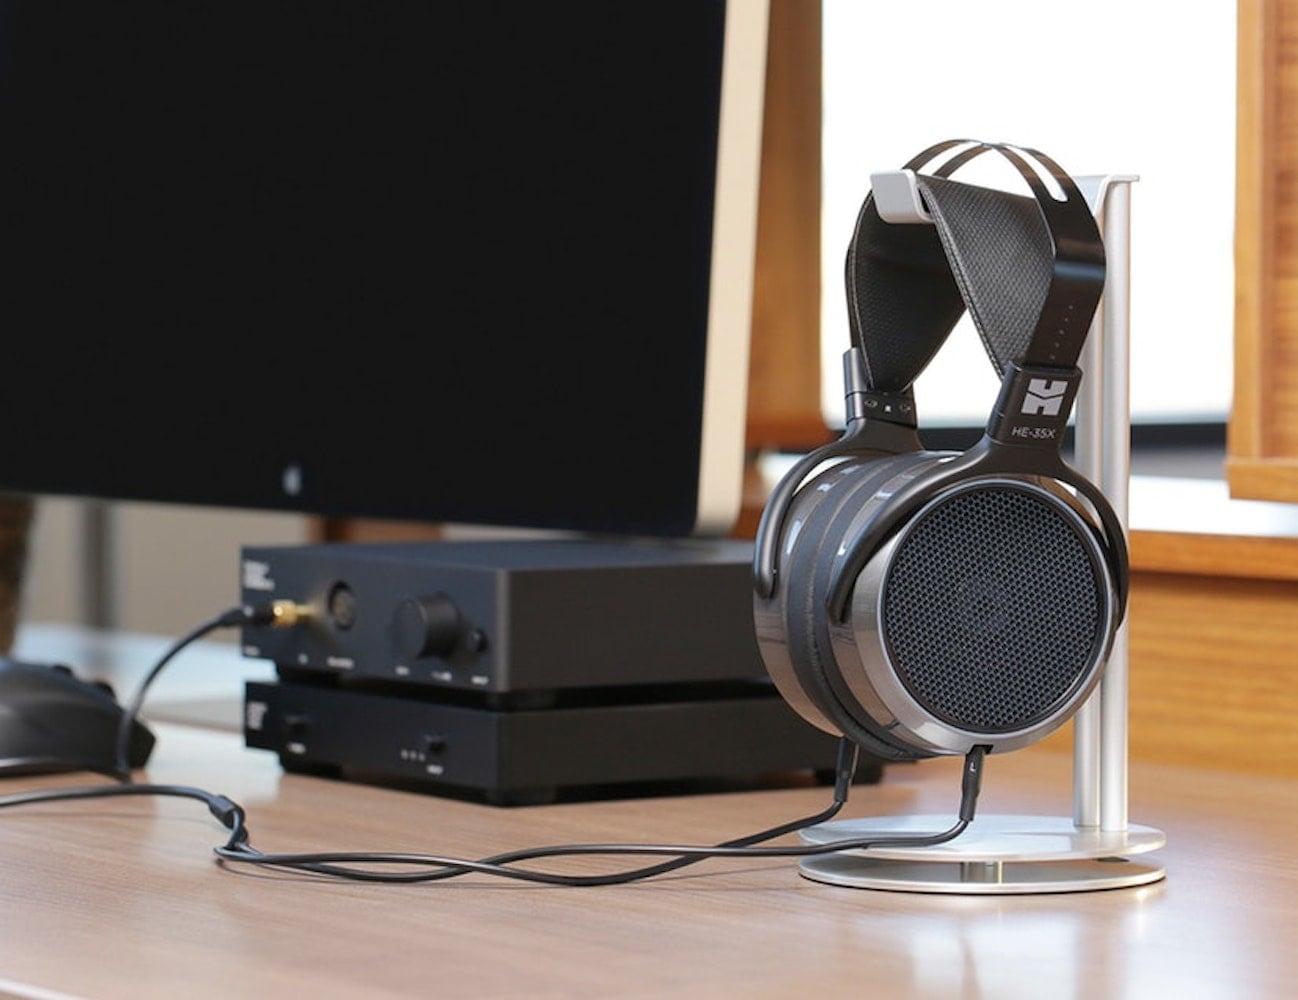 Massdrop x HIFIMAN HE-35X Open-Back Headphones deliver impressive sound